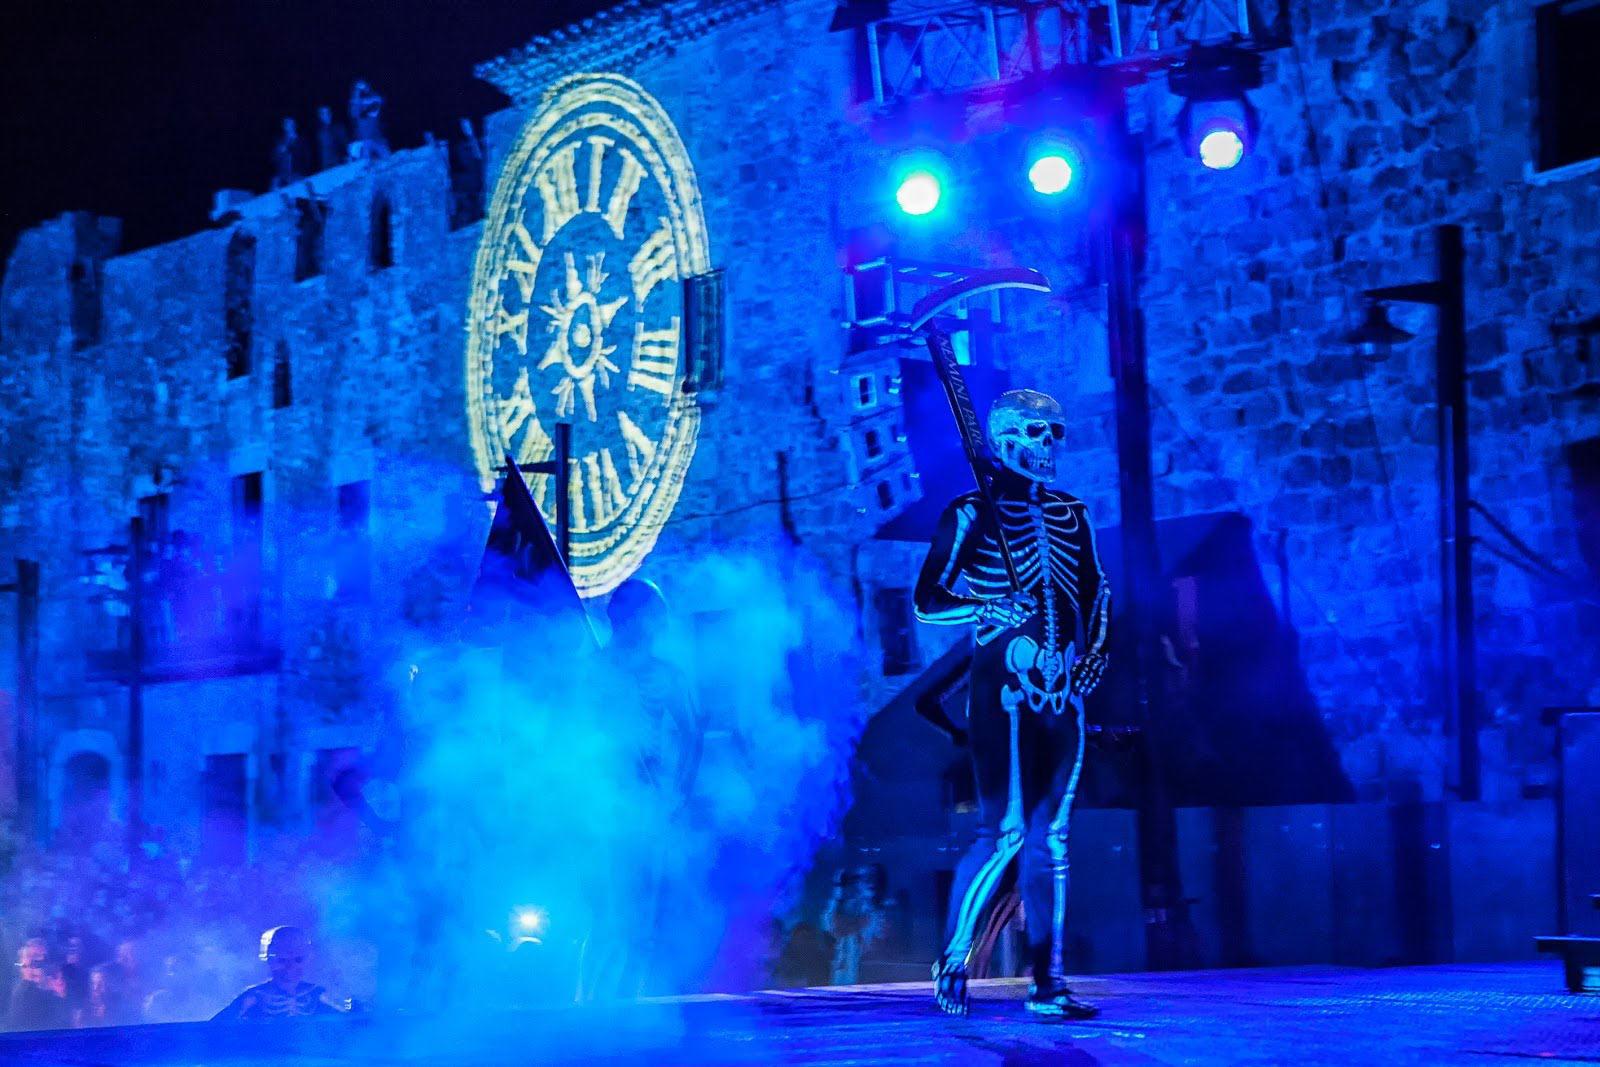 La procession et la danse de la mort